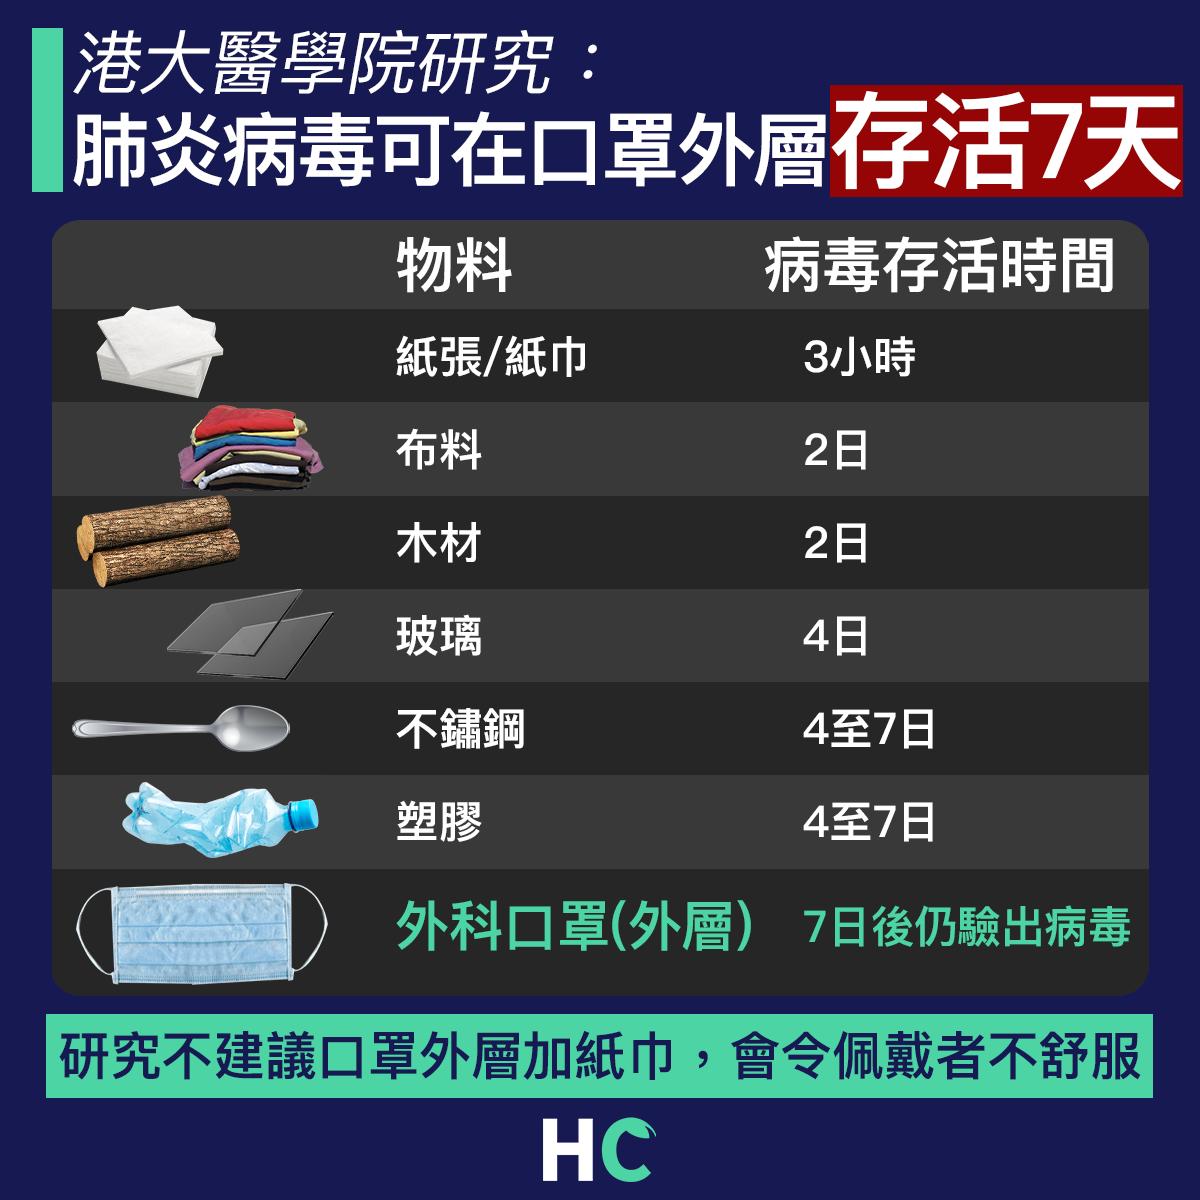 【#武漢肺炎】港大醫學院研究:肺炎病毒可在口罩外層存活7日